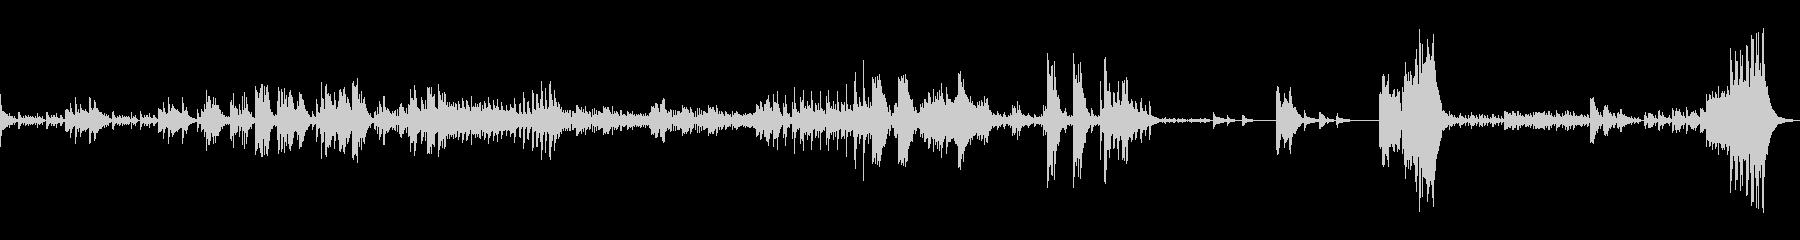 ドラム@ヤナーチェク シンフォニエッタ4の未再生の波形